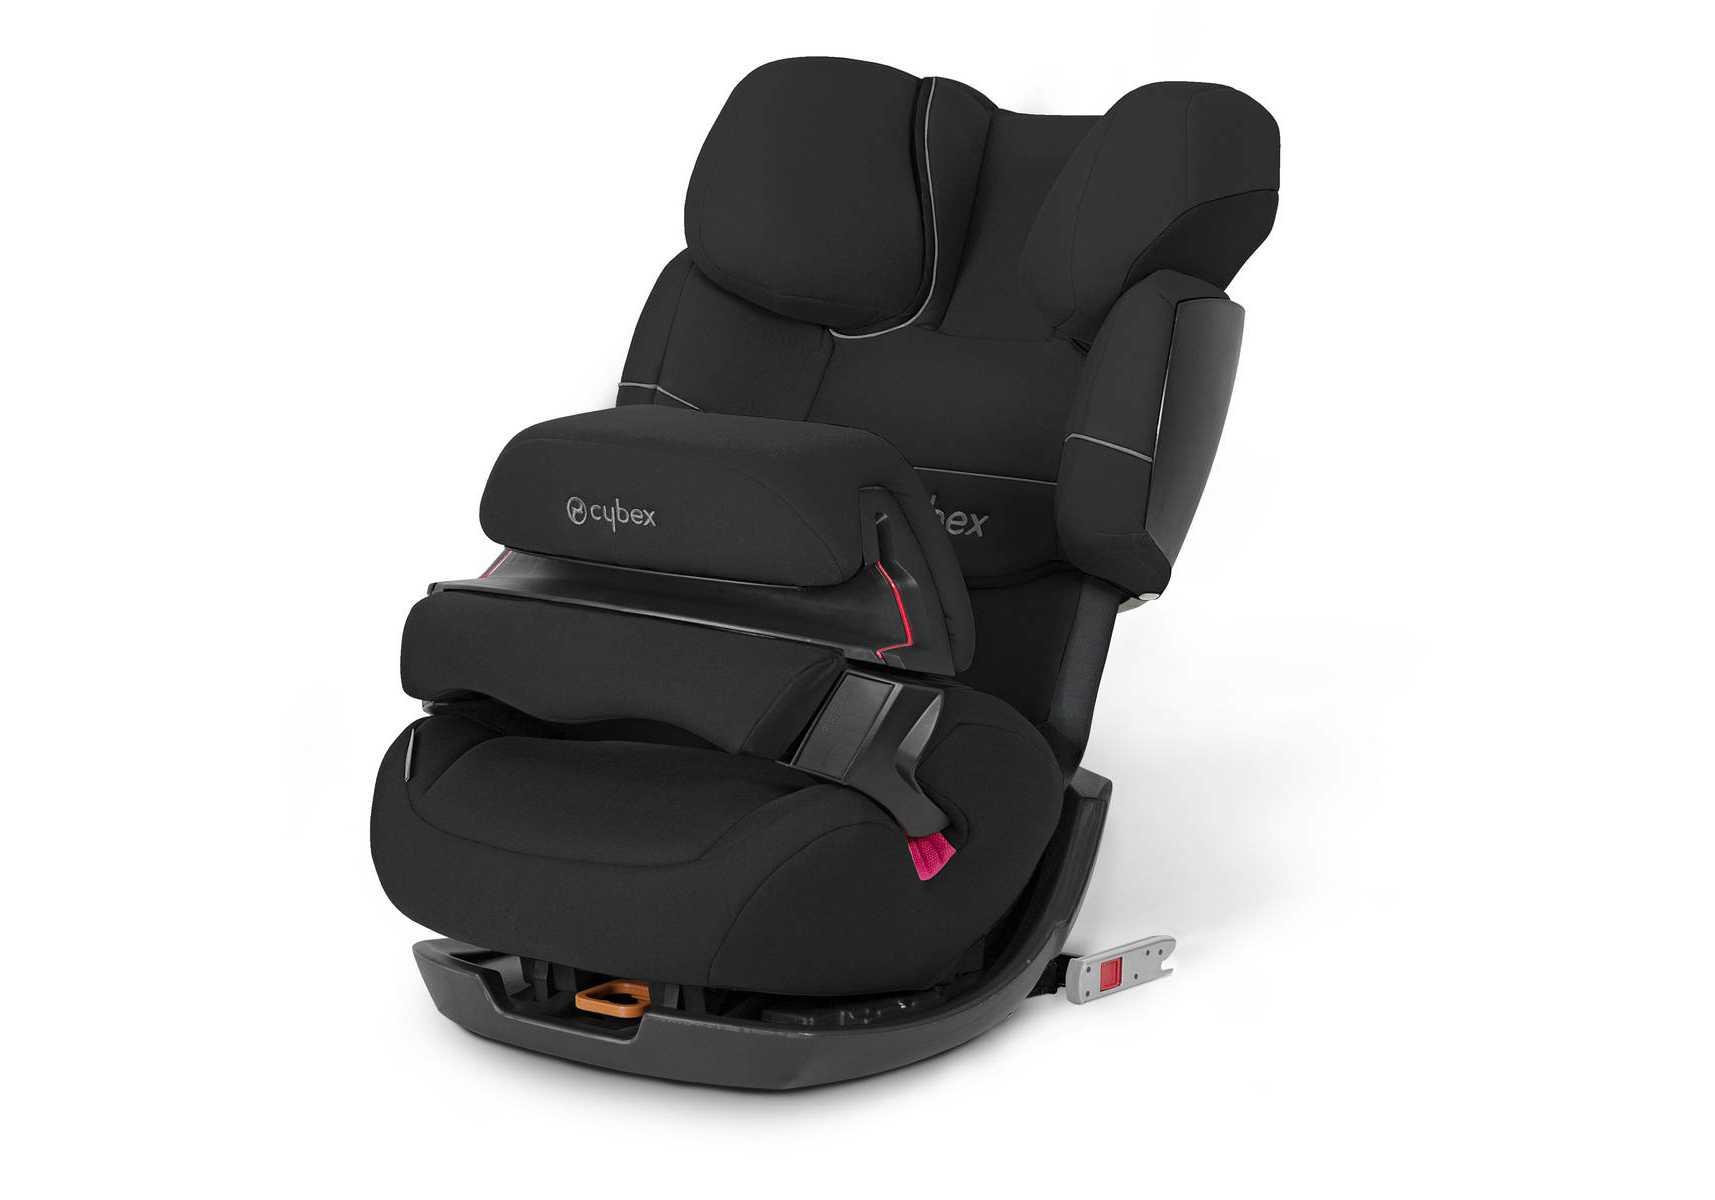 Автокресло chicco (34 фото): youniverse fix, cosmos и eletta на 9-36 кг, детские автомобильные кресла, отзывы